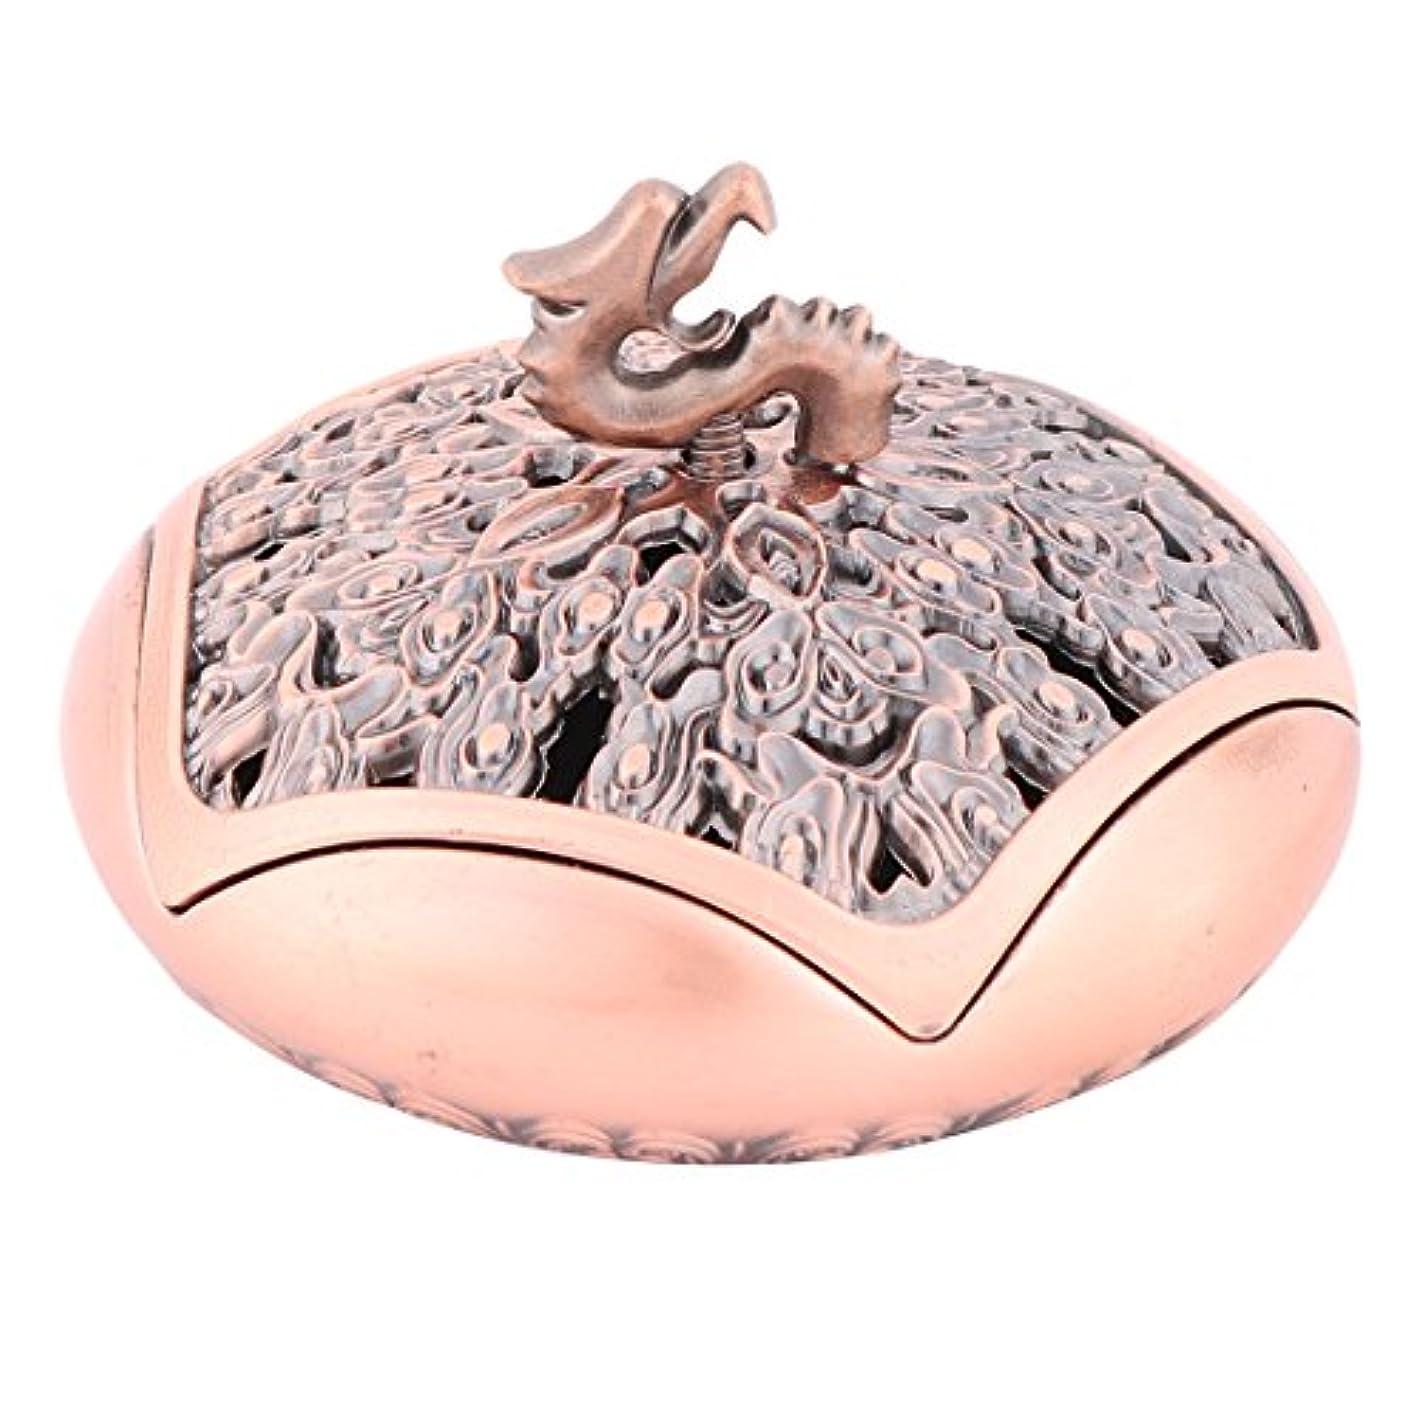 論理的練るバーストuxcell 線香立て 横置き おしゃれ 香料貯蔵ツール 合金製 香箱アクセサリー 幸運 香箱ホルダーアクセサリー 寝室用 外径9.6cm シャンペン色